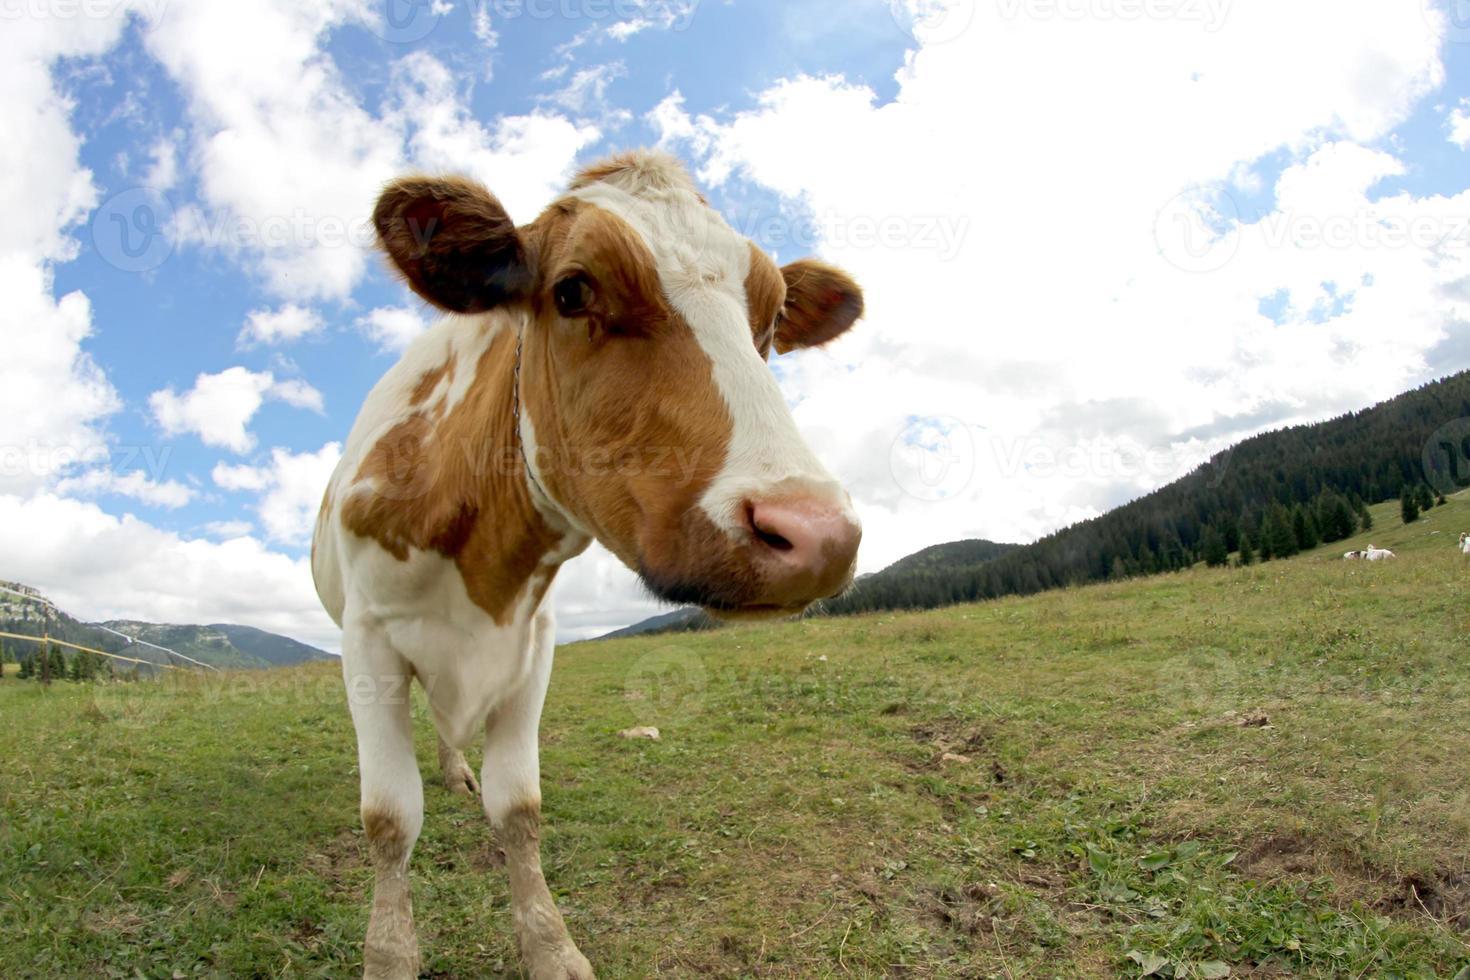 vaca pastando tiro com lente olho de peixe e nuvens foto